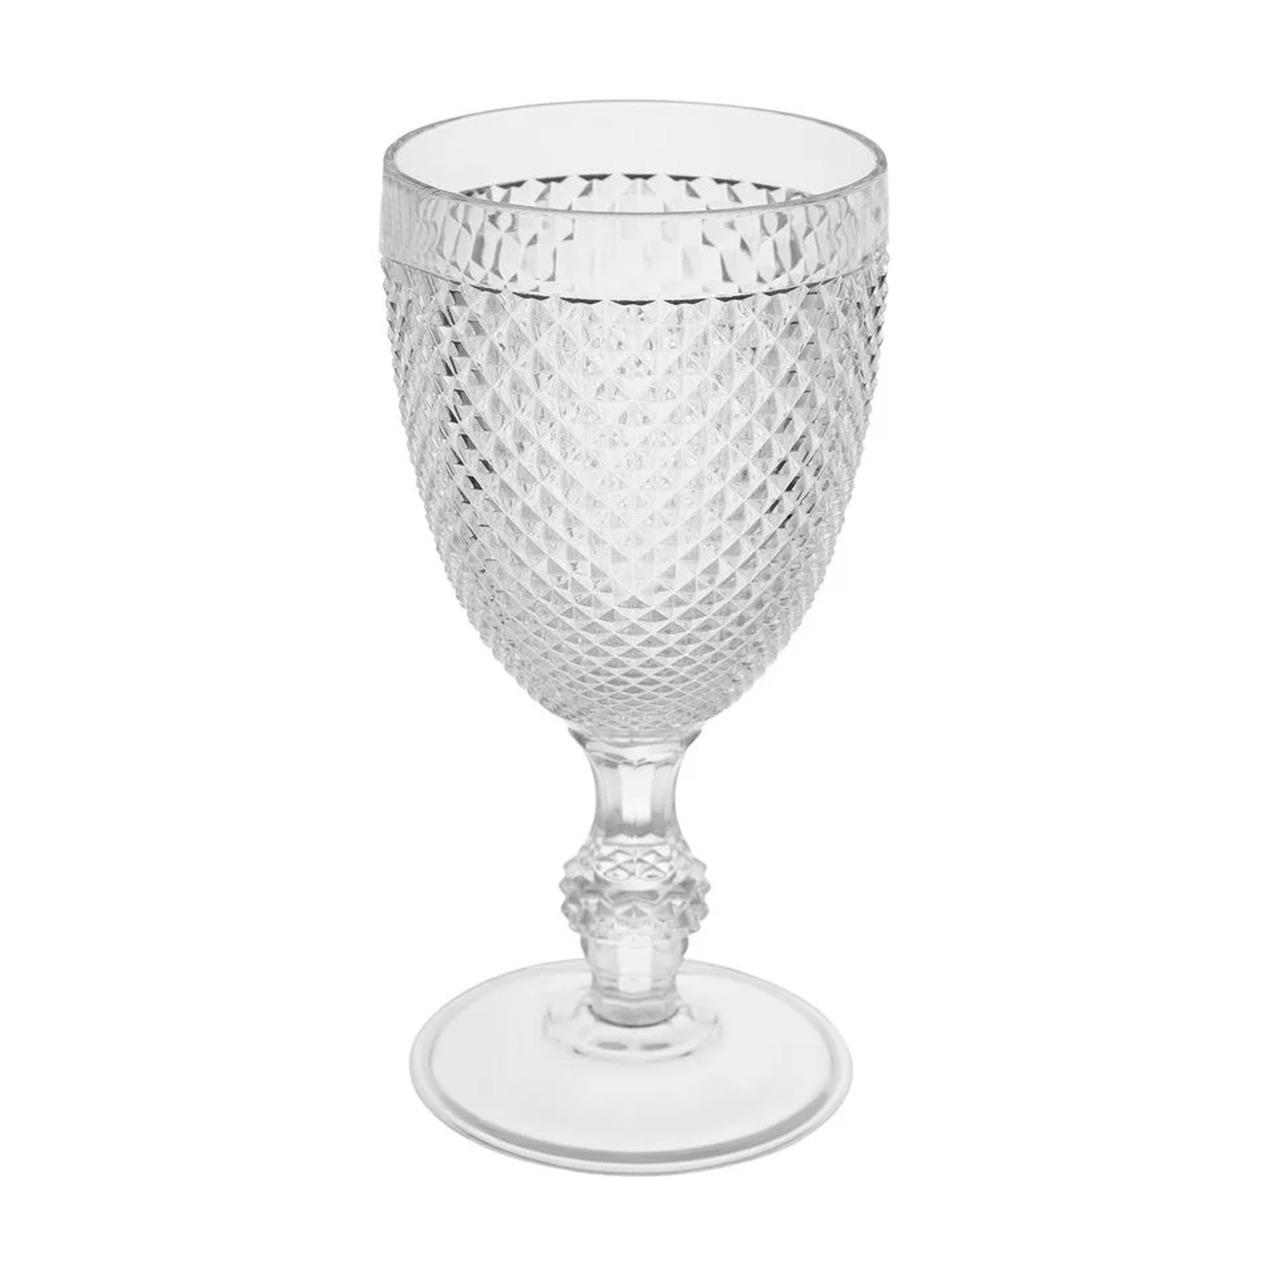 Jogo 12 Taças para Água Imperial Home e Co  - Lemis